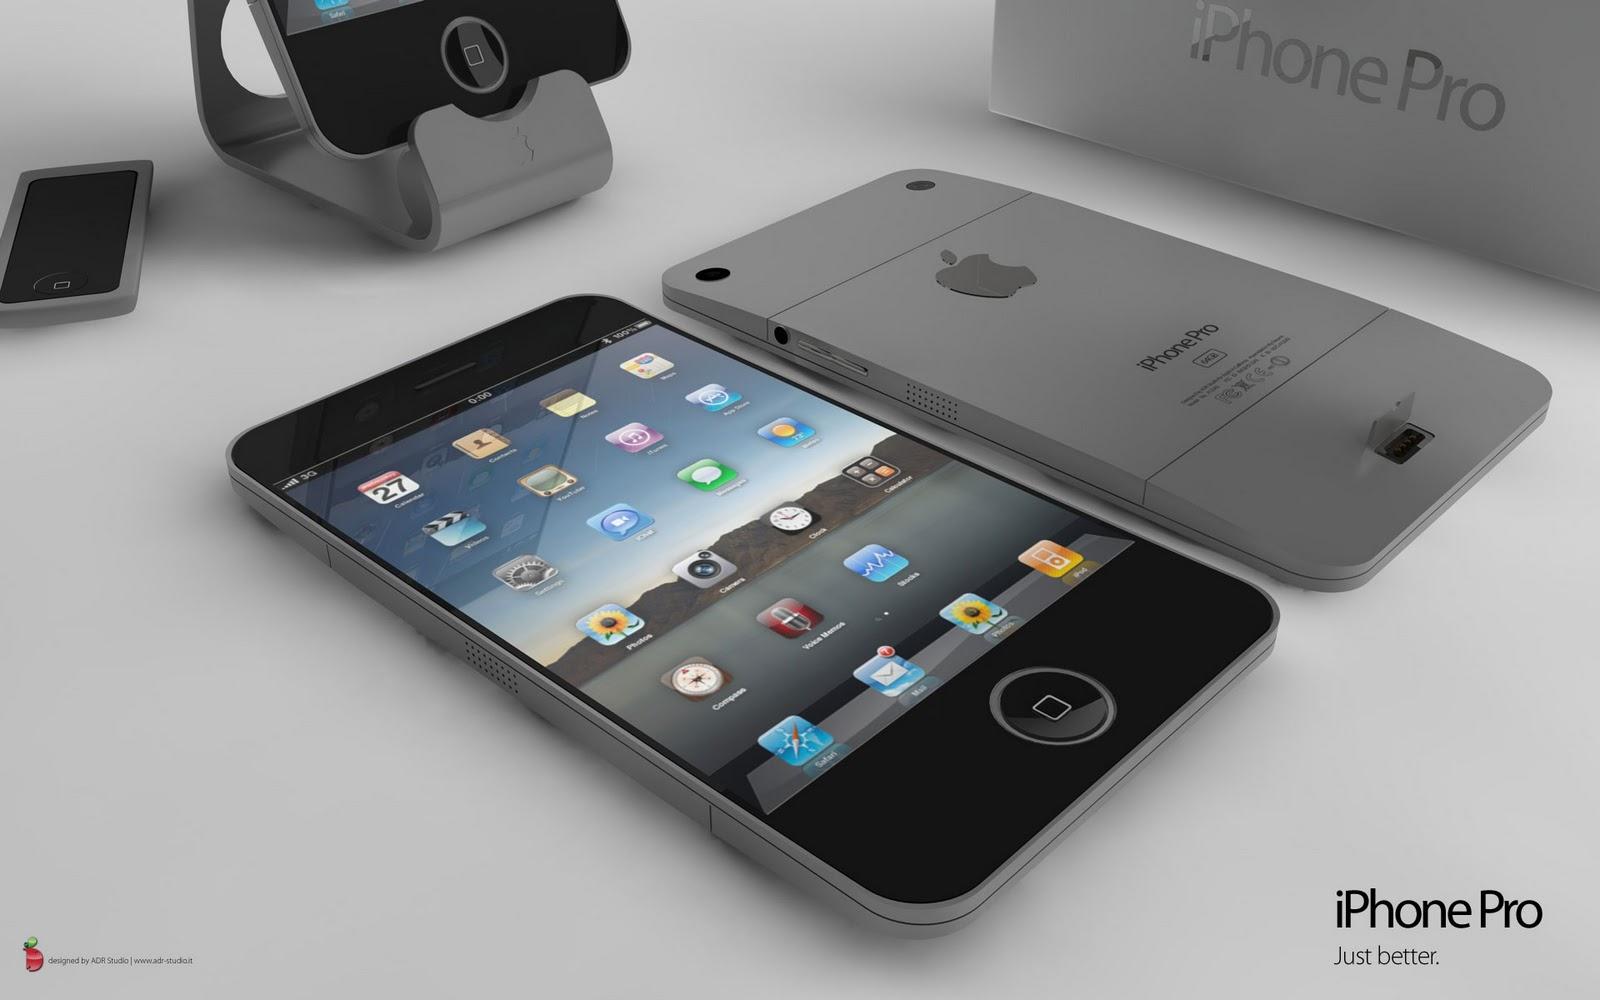 http://1.bp.blogspot.com/-B6aSrKIM8ZA/Tn843L_7-hI/AAAAAAAABQA/pxJ4f19kjZU/s1600/iphone-5-pro.jpg